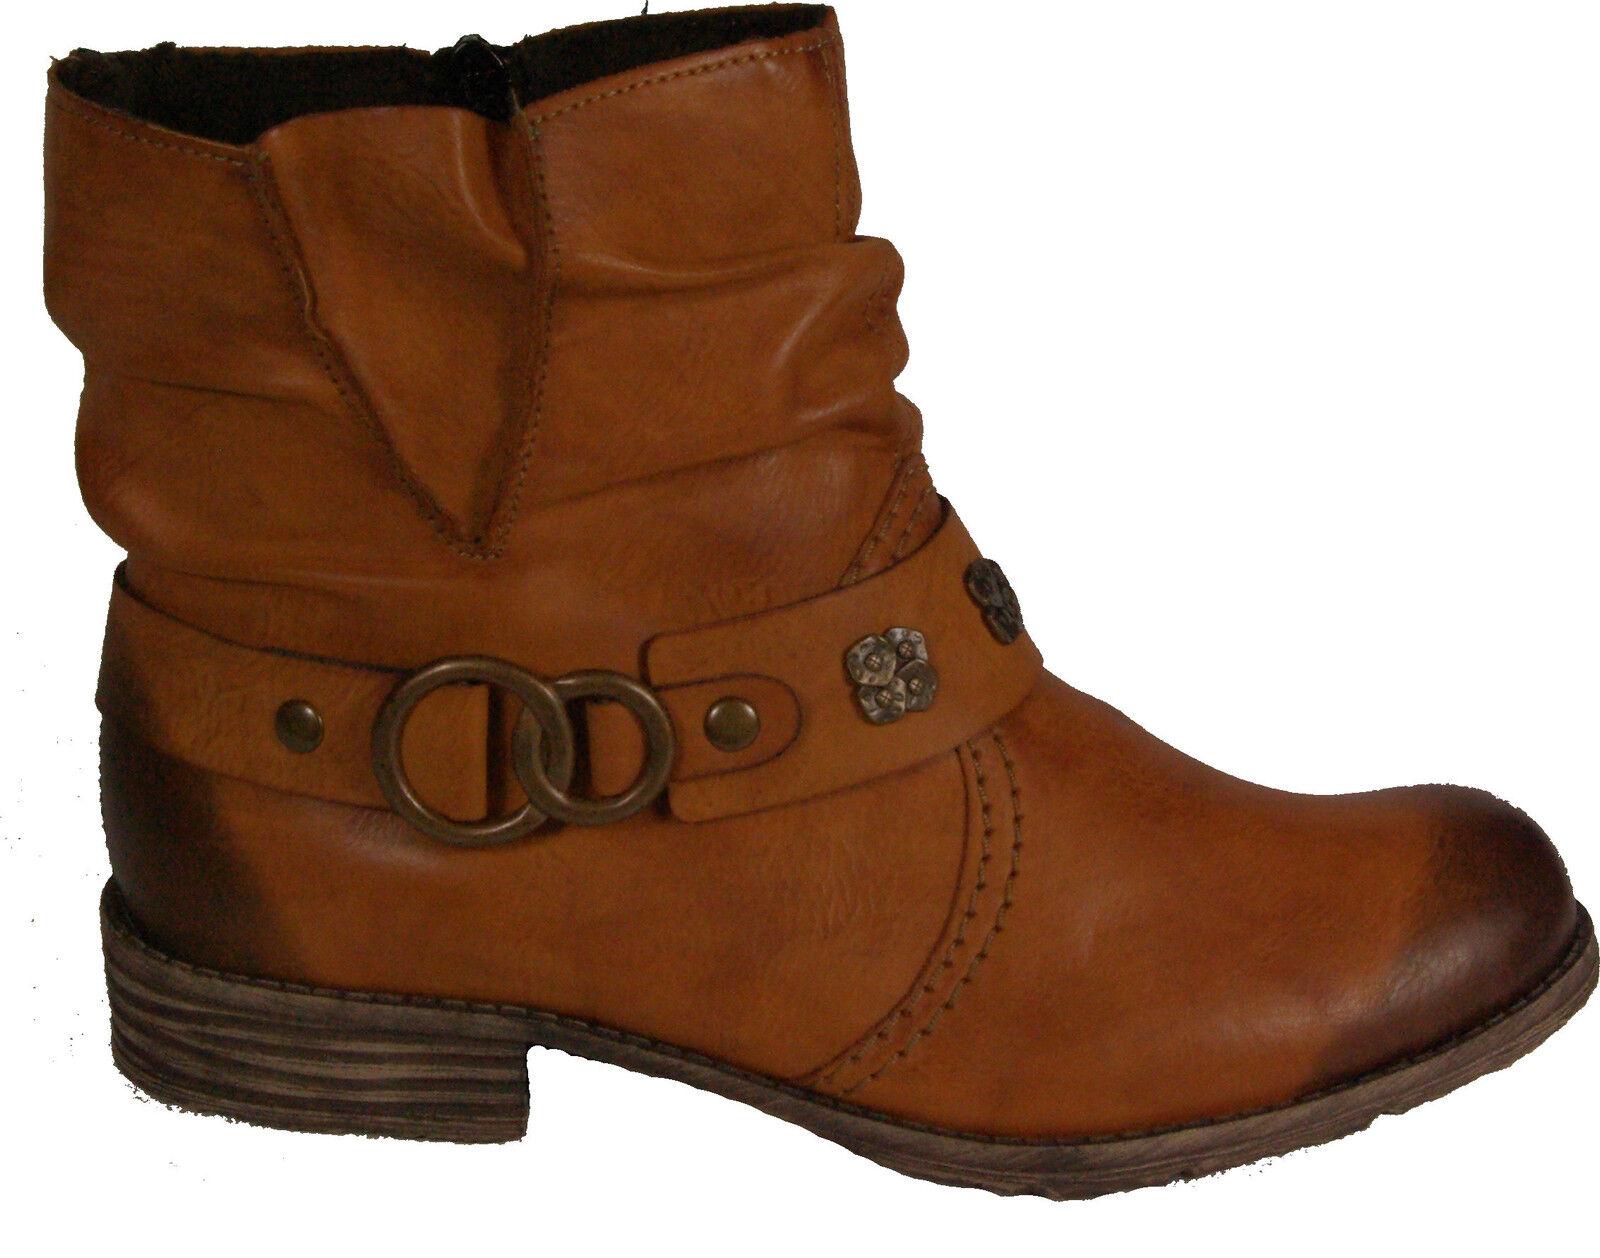 Rieker zapatos botines botas style marrón cremallera forraje cálido NUEVO